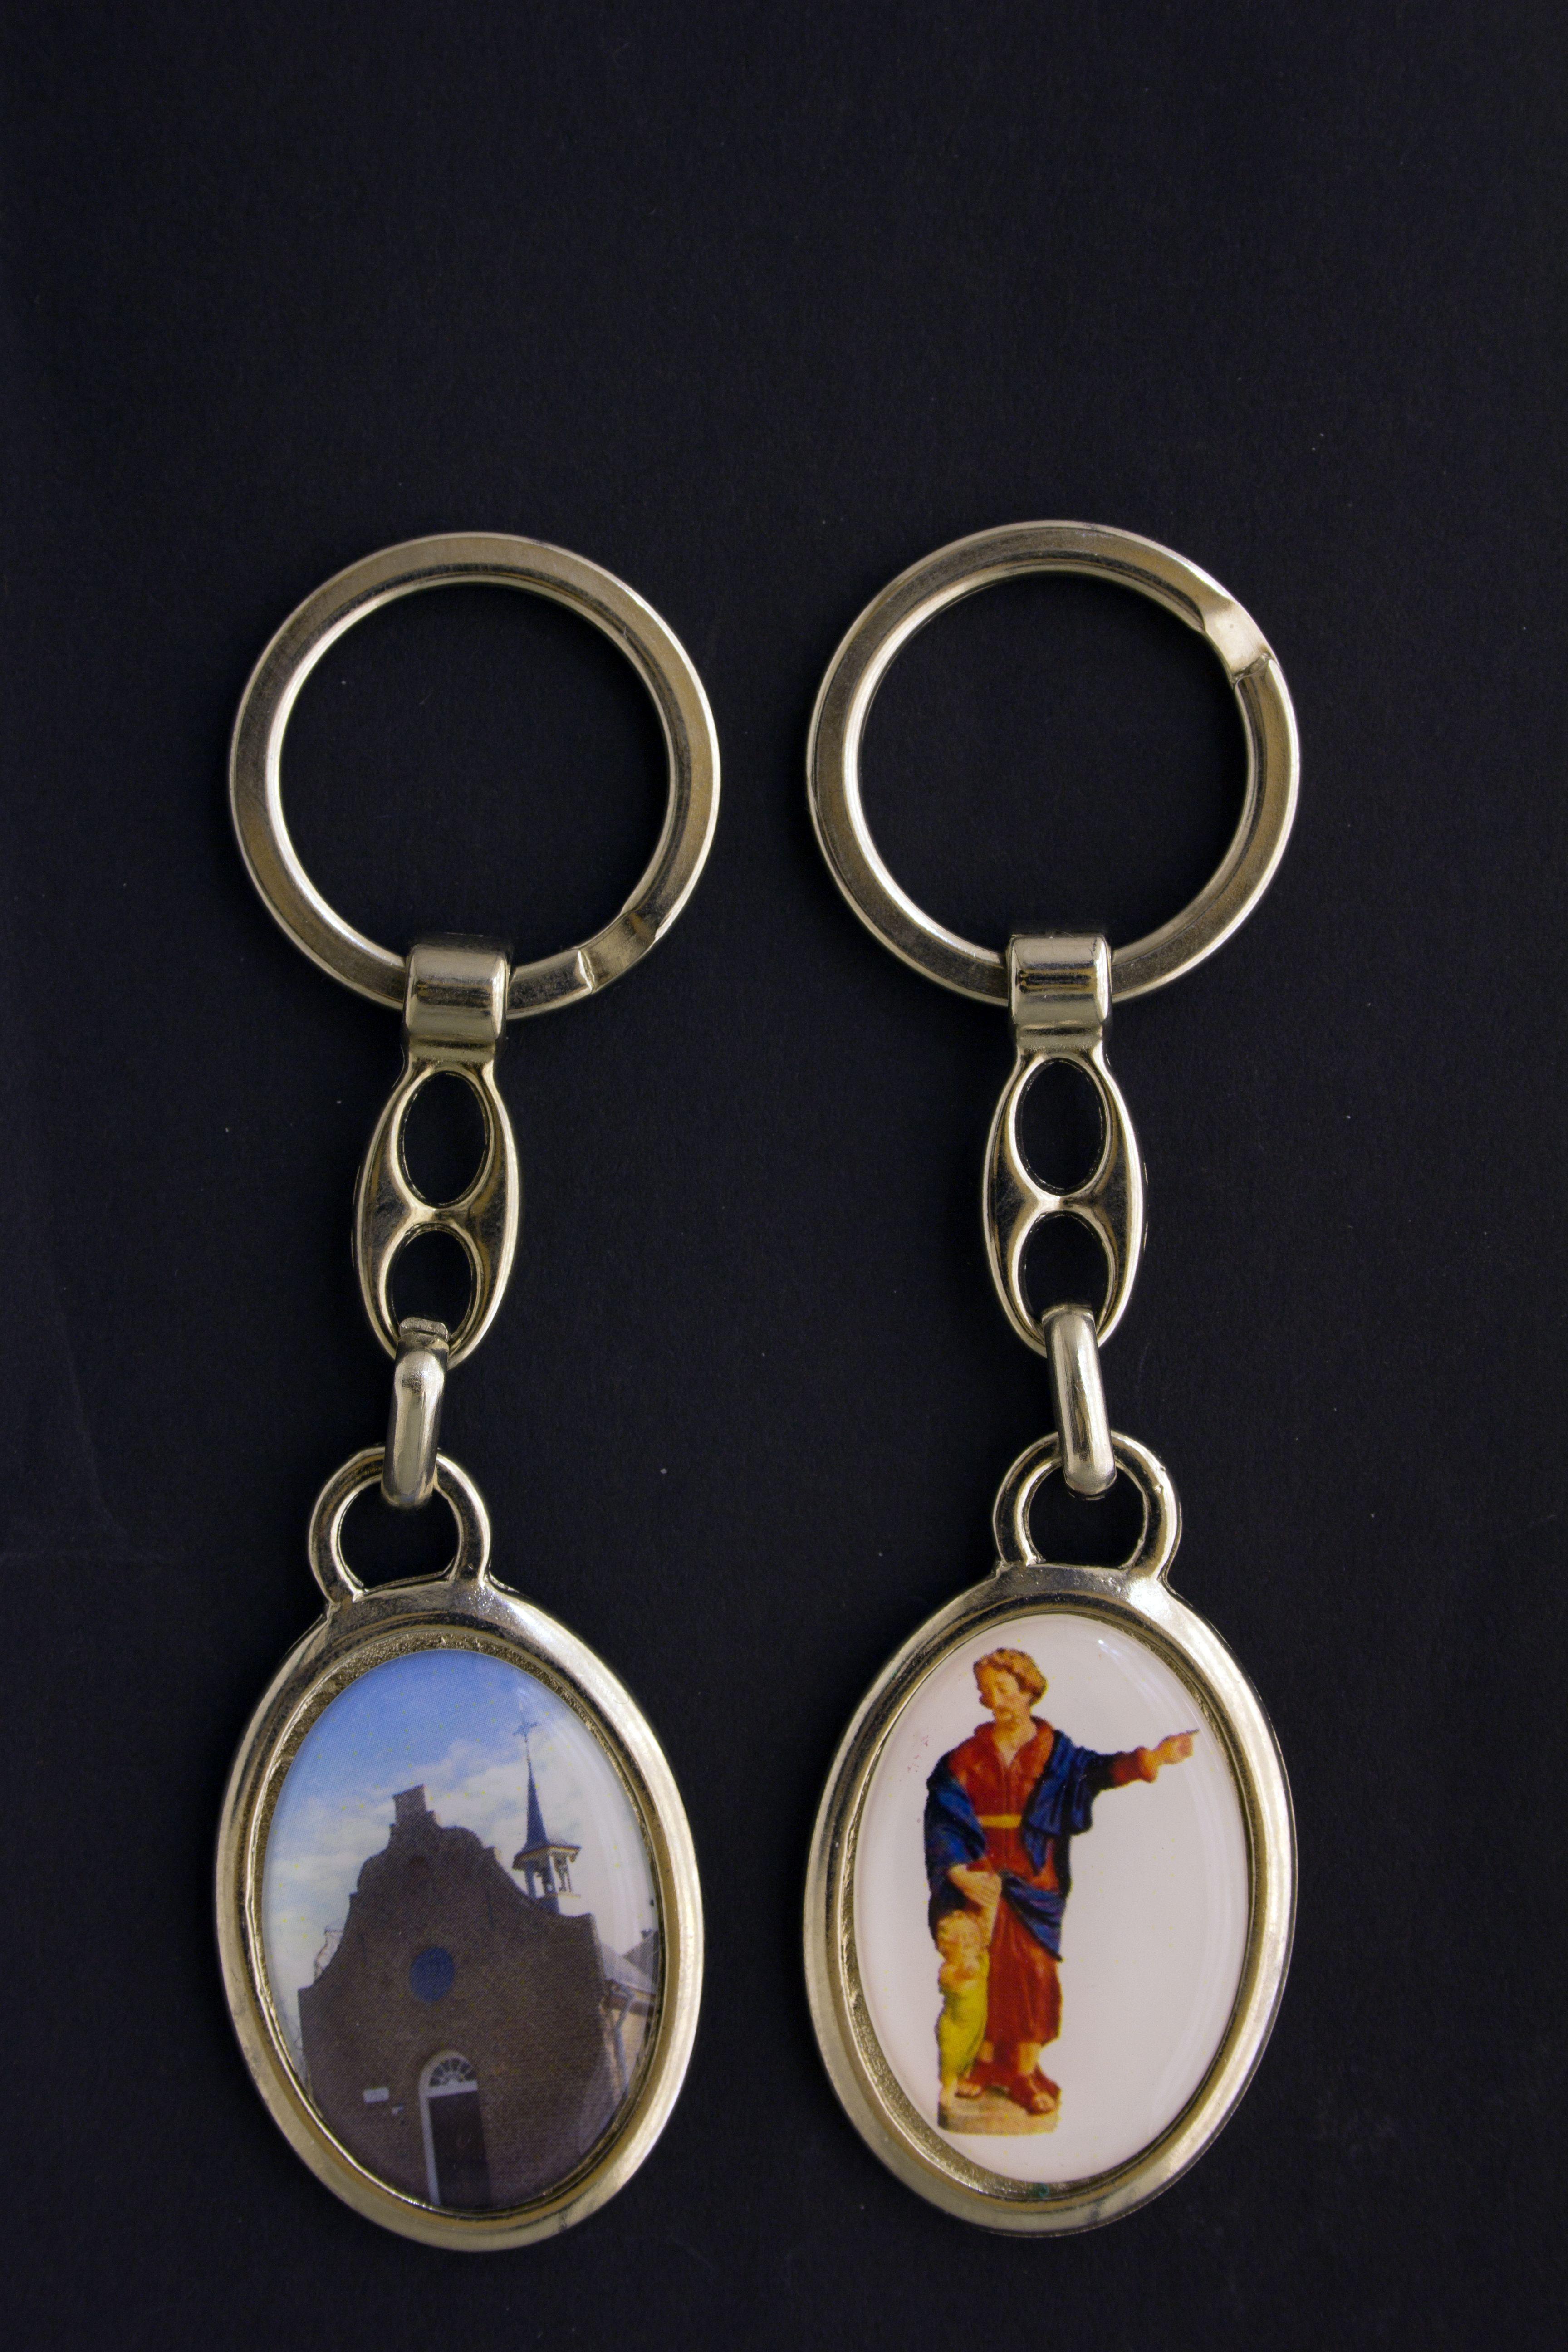 Sleutelhanger met de afbeelding van St. Jozef erop, ca. 4 cm hoog. Prijs € 7,50